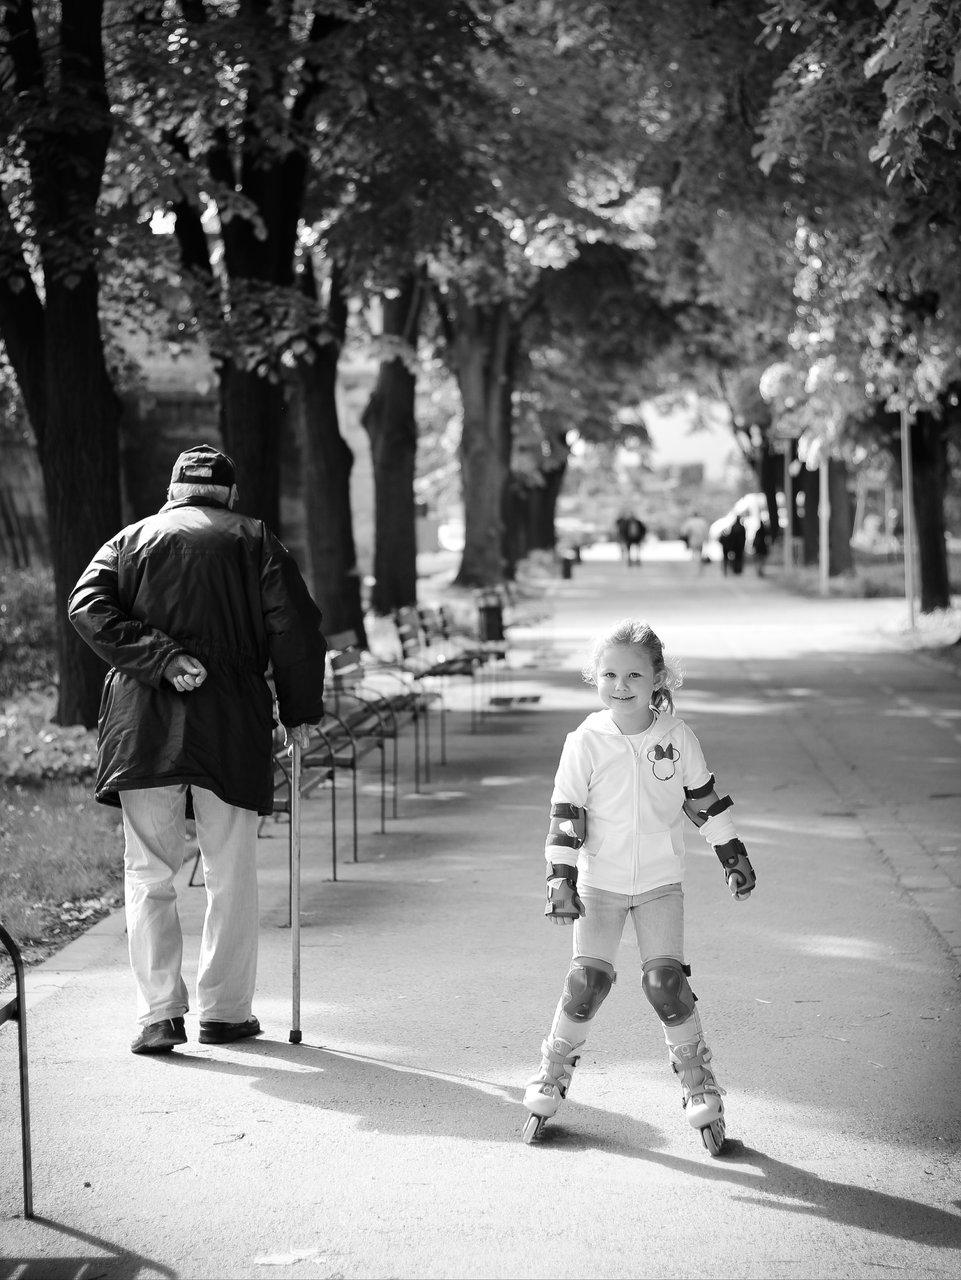 Животът в една снимка | Author Bozhidar  Genkov - CaptureTheMoment | PHOTO FORUM